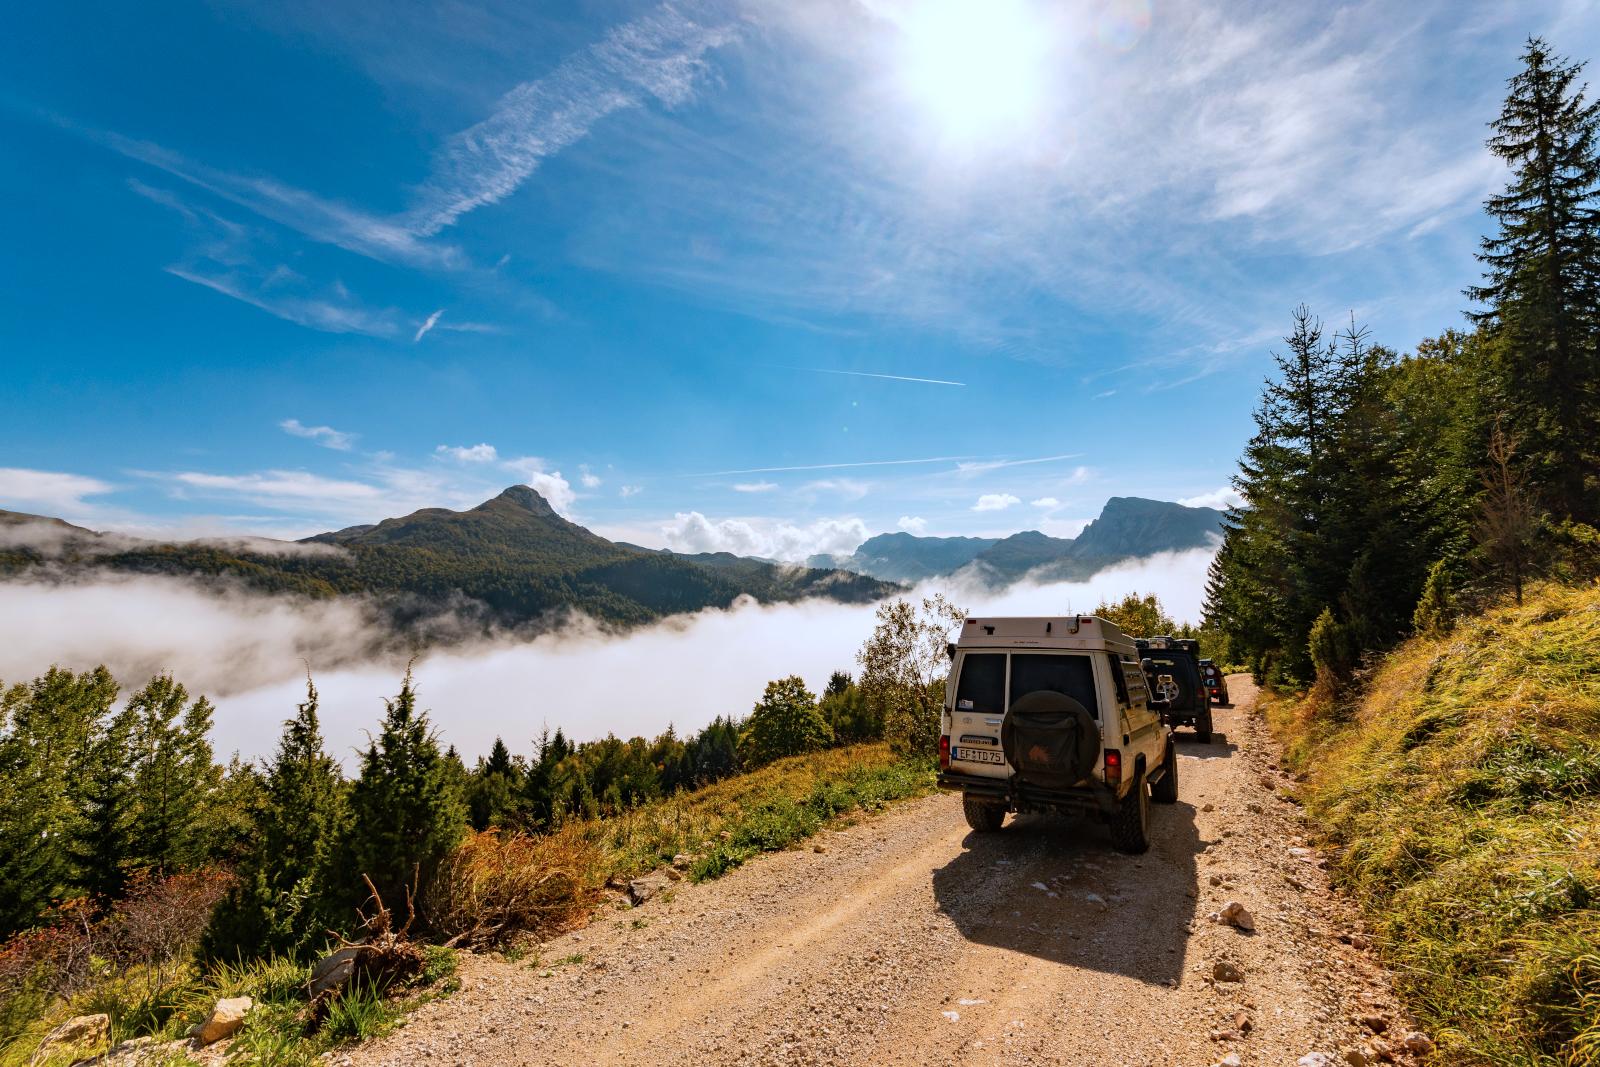 Five Mountains Tour - Über den Wolken, muss die Freiheit wohl grenzenlos sein.